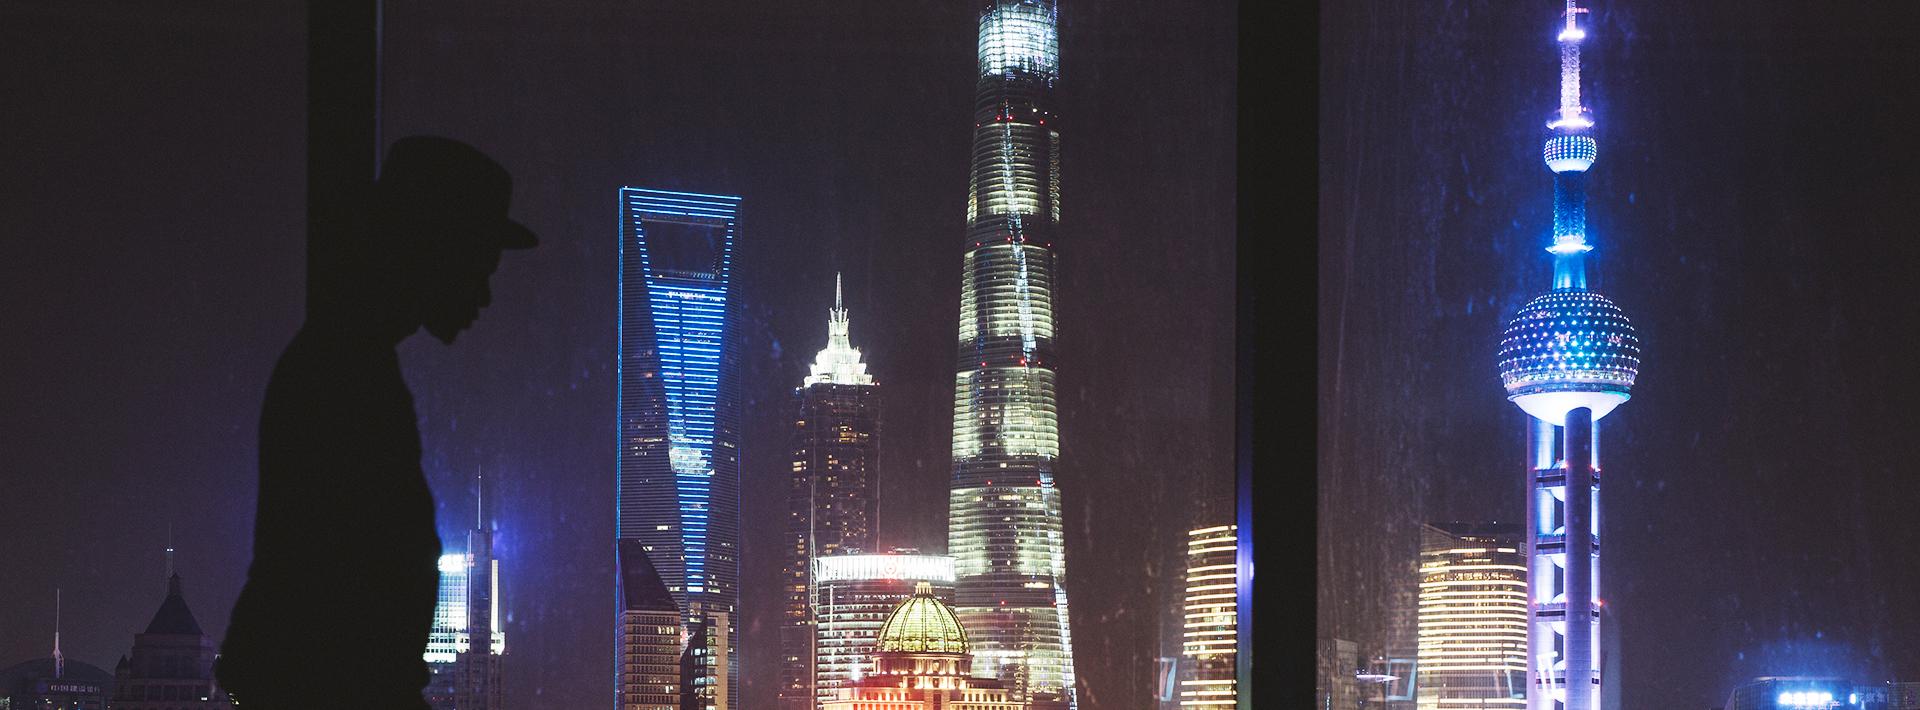 ShanghaiPhotoDiaryHeader